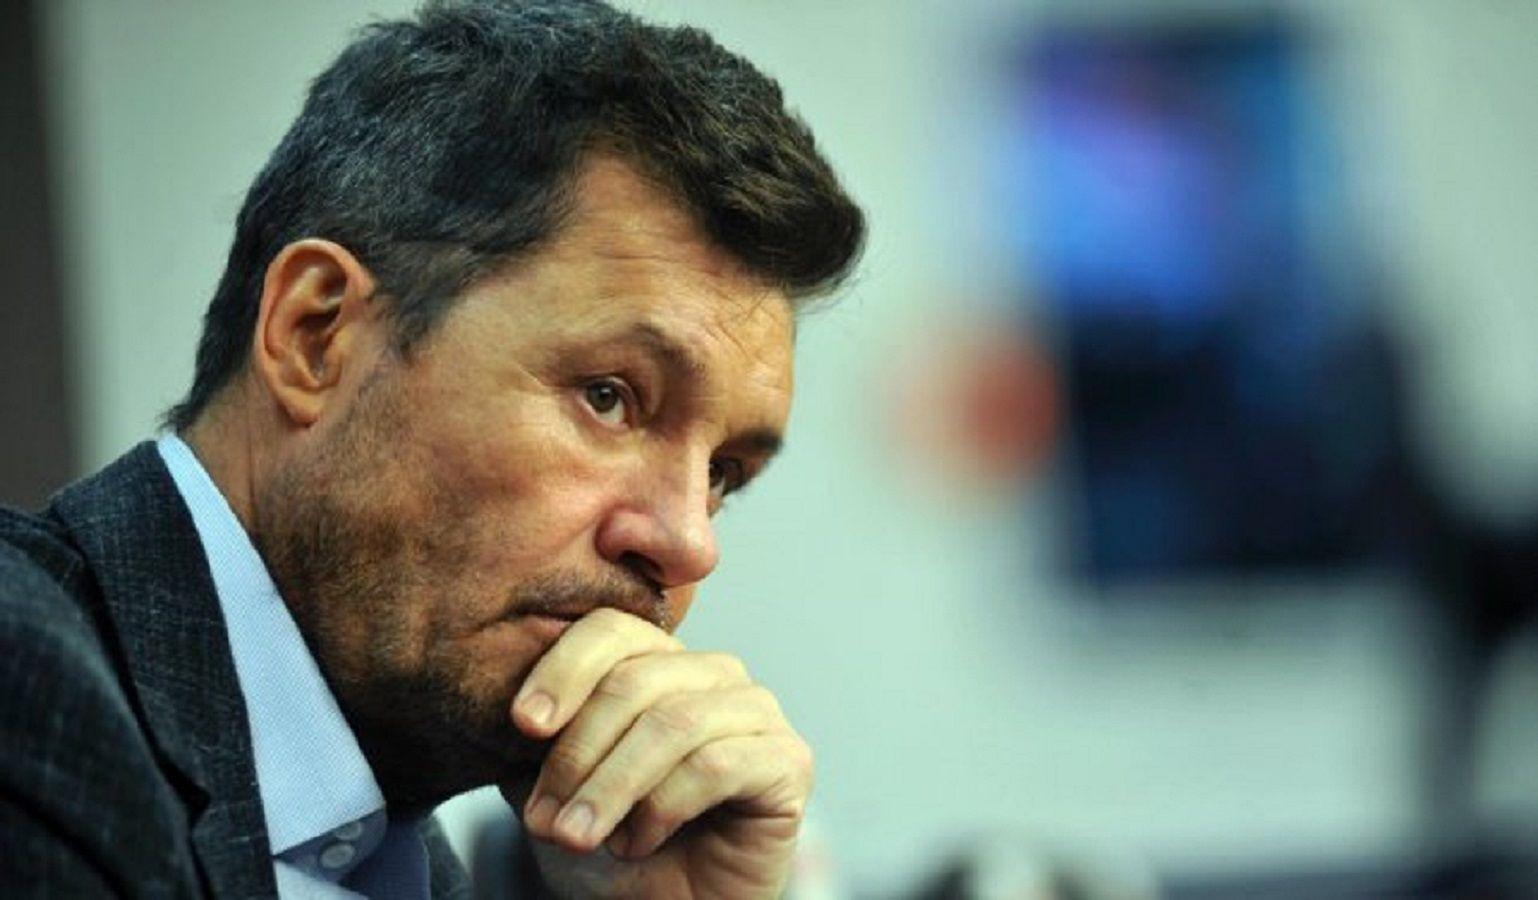 El voto de Marcelo Tinelli en las PASO 2017